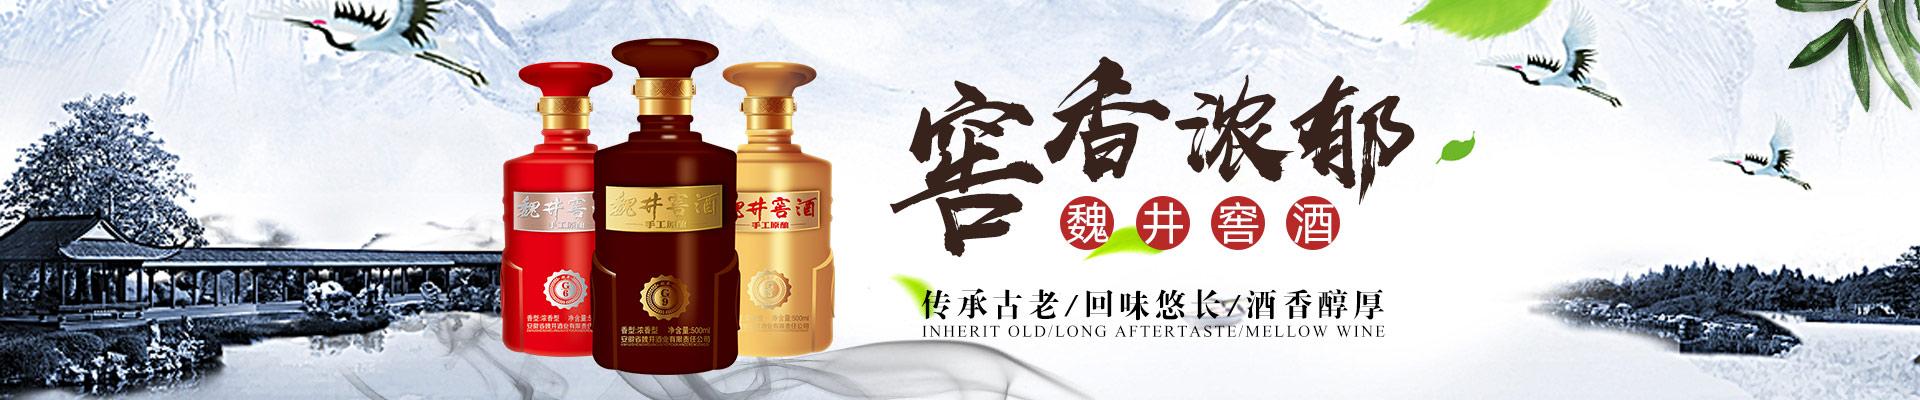 安徽省魏井酒业有限责任公司